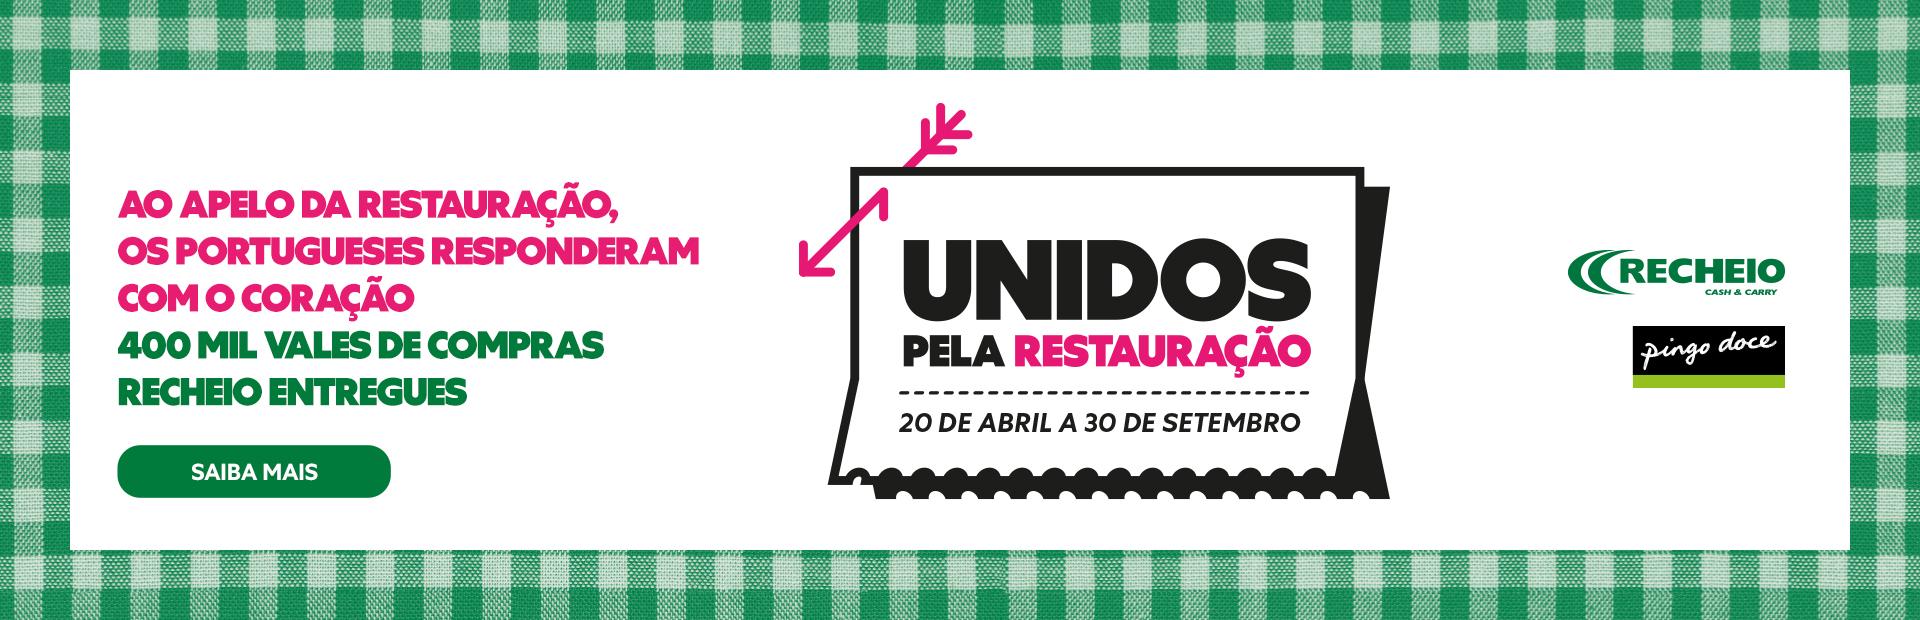 UpR_Recheio_Destaque_Website_1920x620_v4